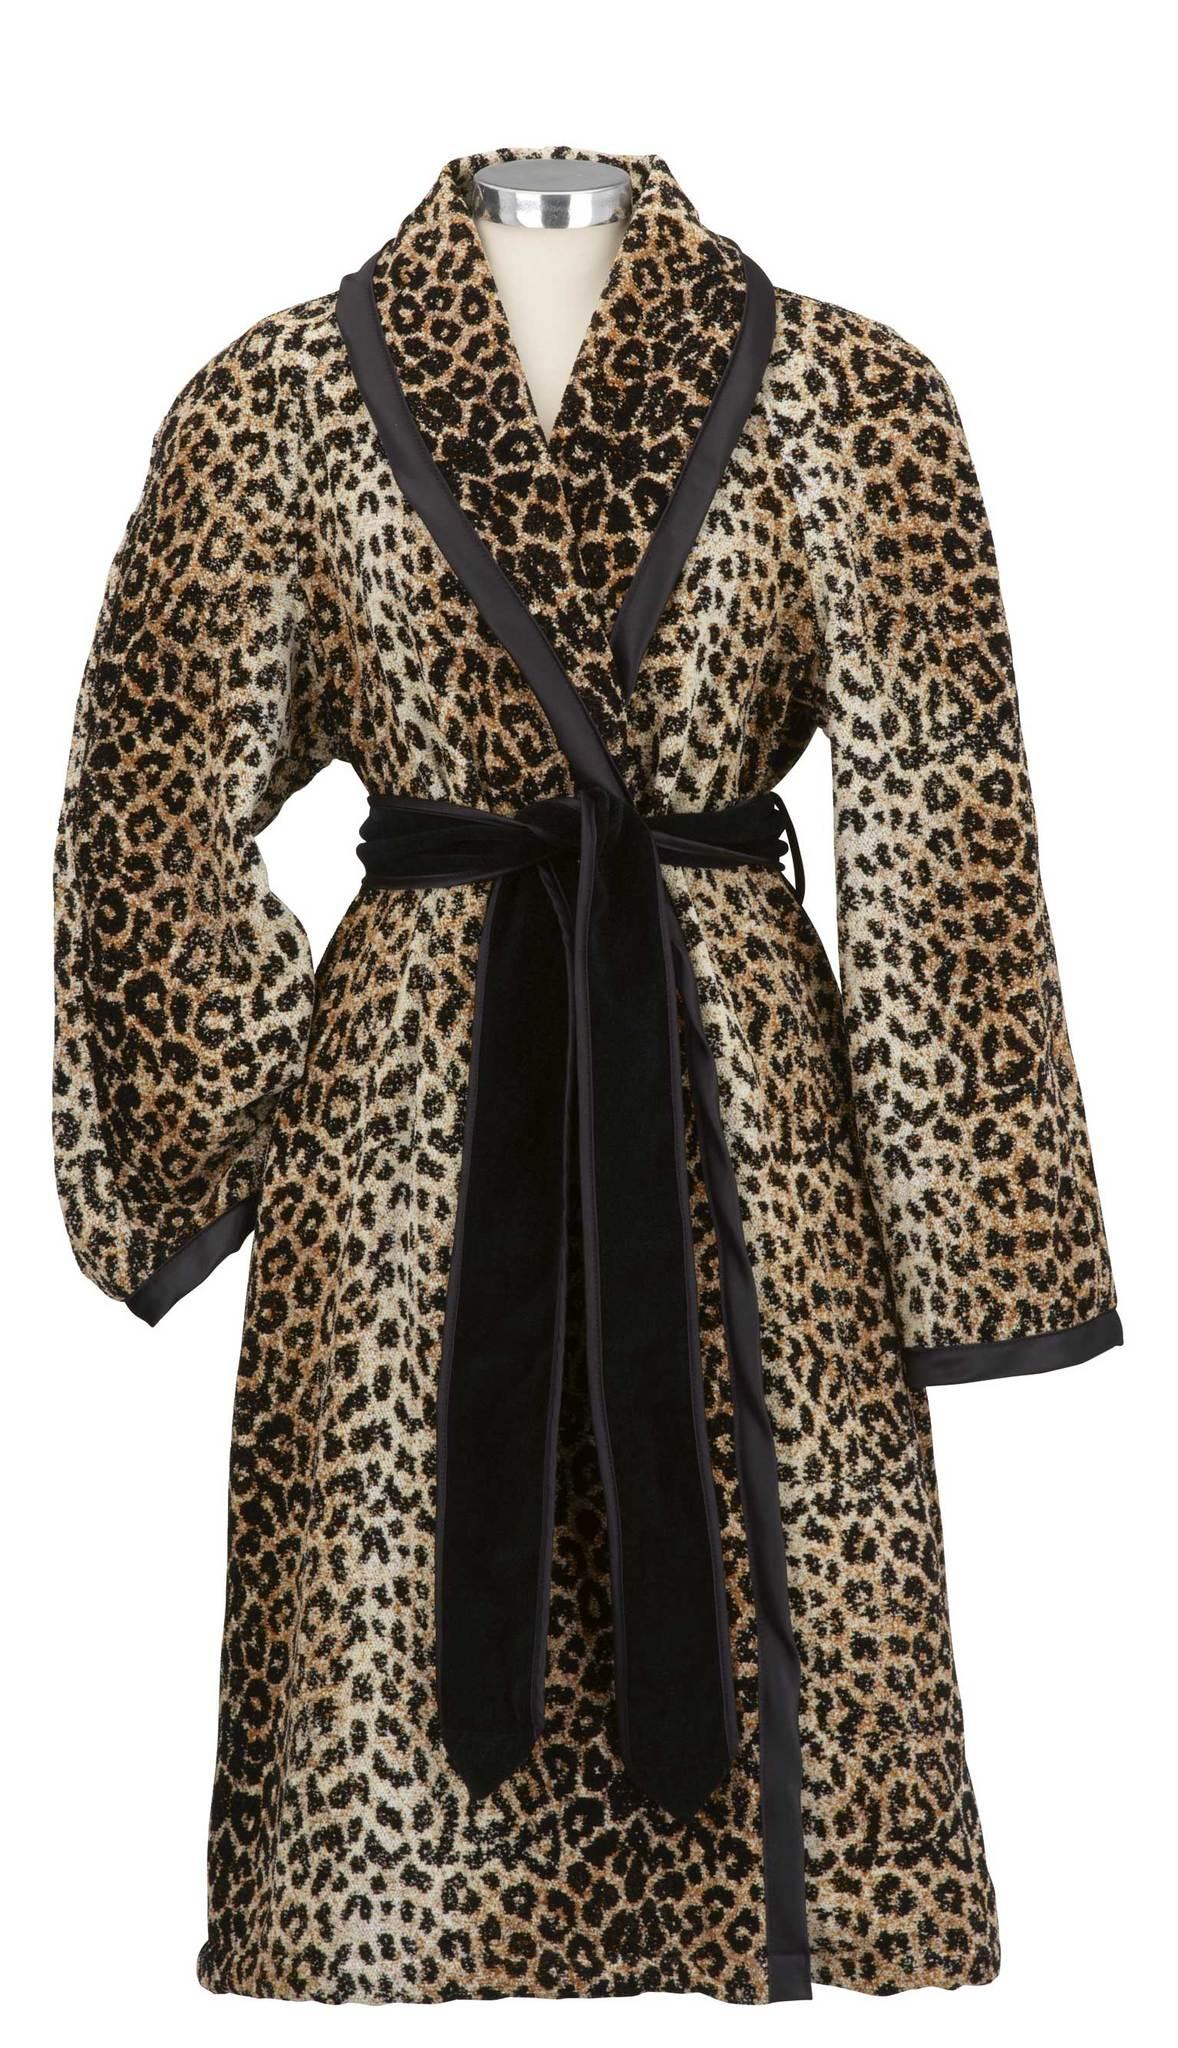 Элитный халат шенилловый Safari Nicole 10 schwarz от Feiler